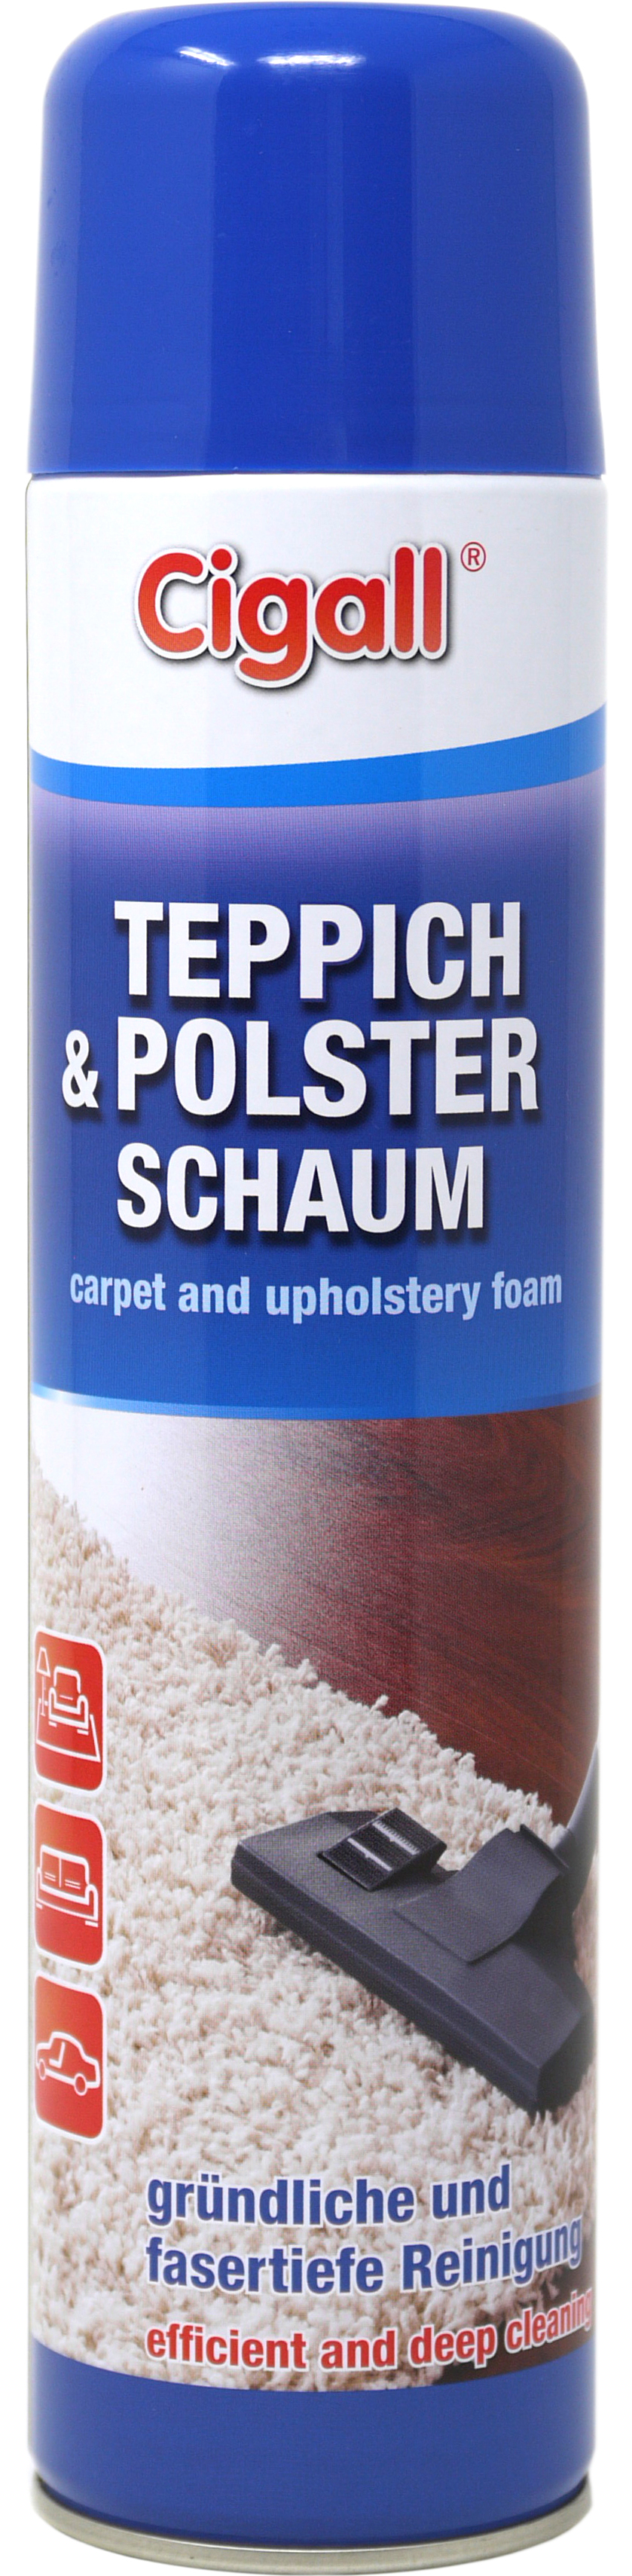 00706 - Cigall Teppich- und Polsterschaum 600 ml